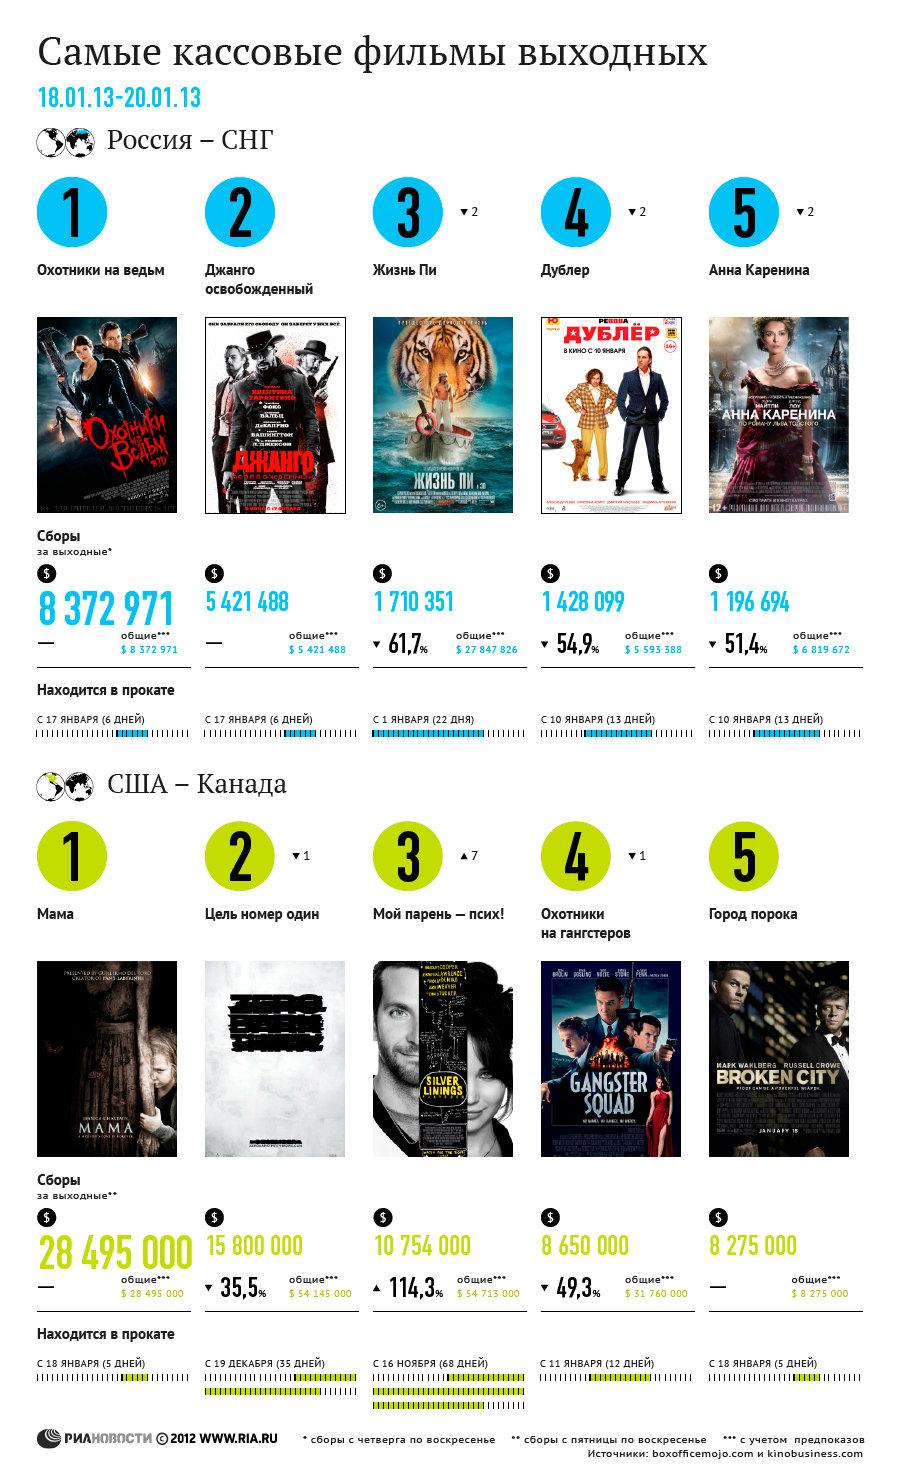 Самые кассовые фильмы выходных (18-20 января)